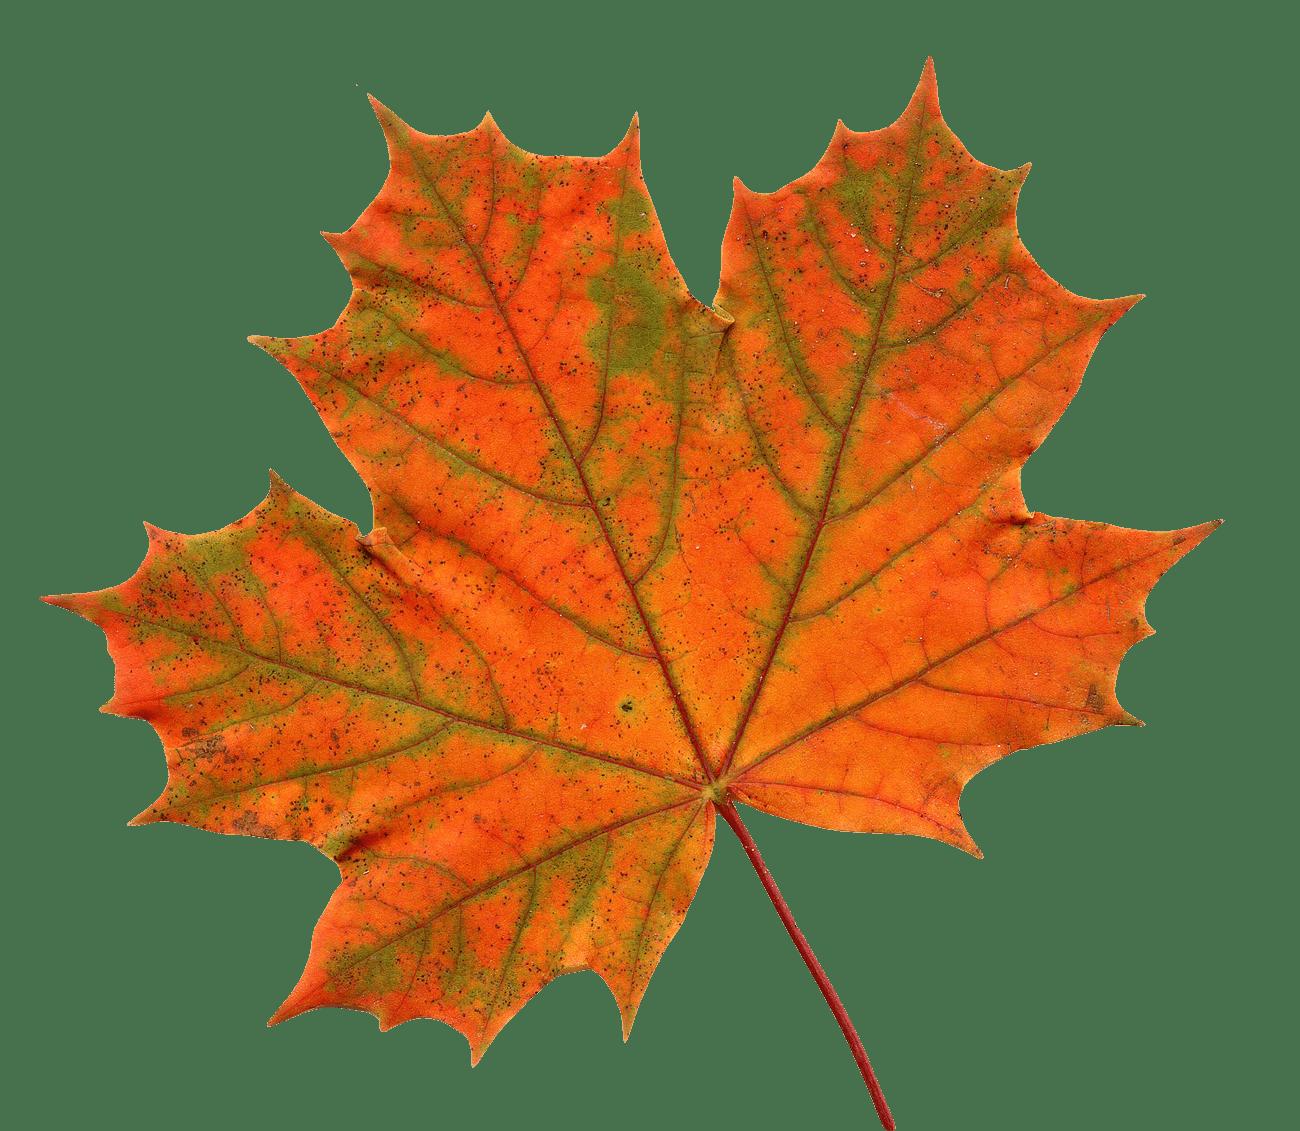 Large Maple Leaf Transparent Png Stickpng